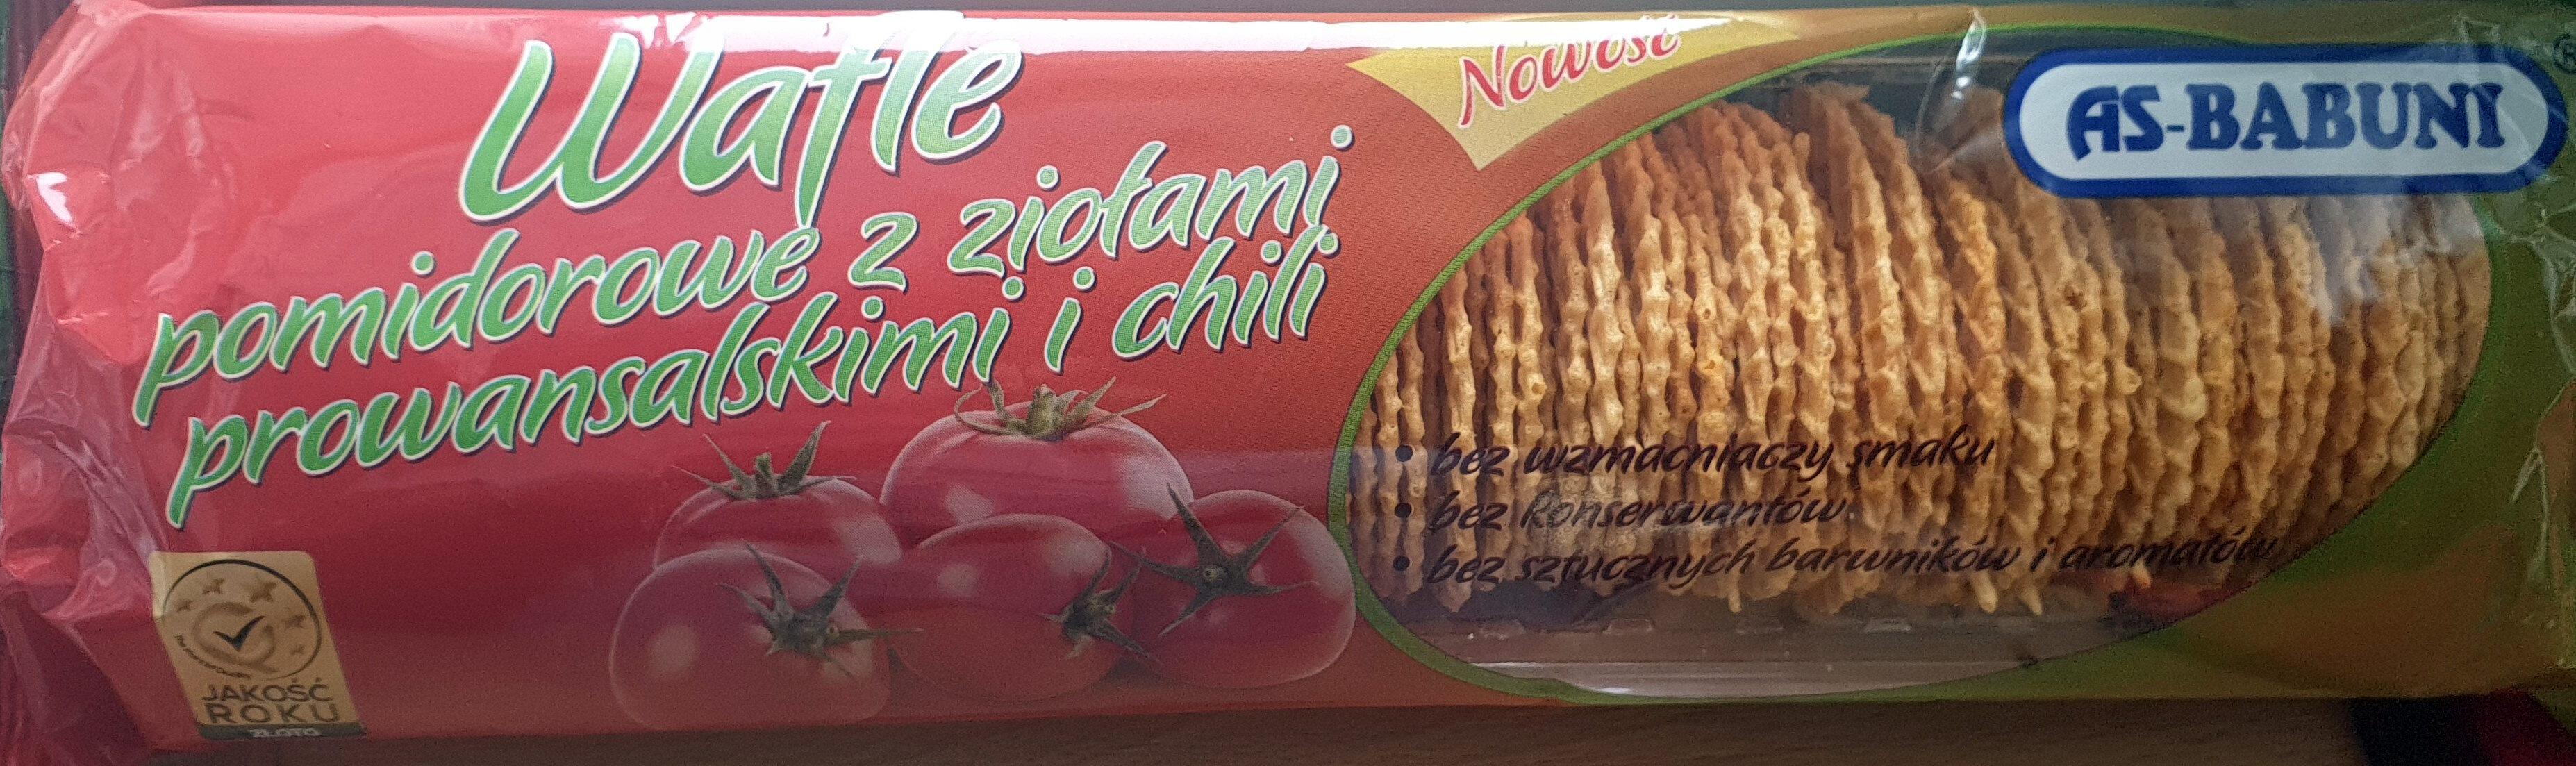 Wafle pomidorowe z ziołami prowansalskimi i chili - Produkt - pl